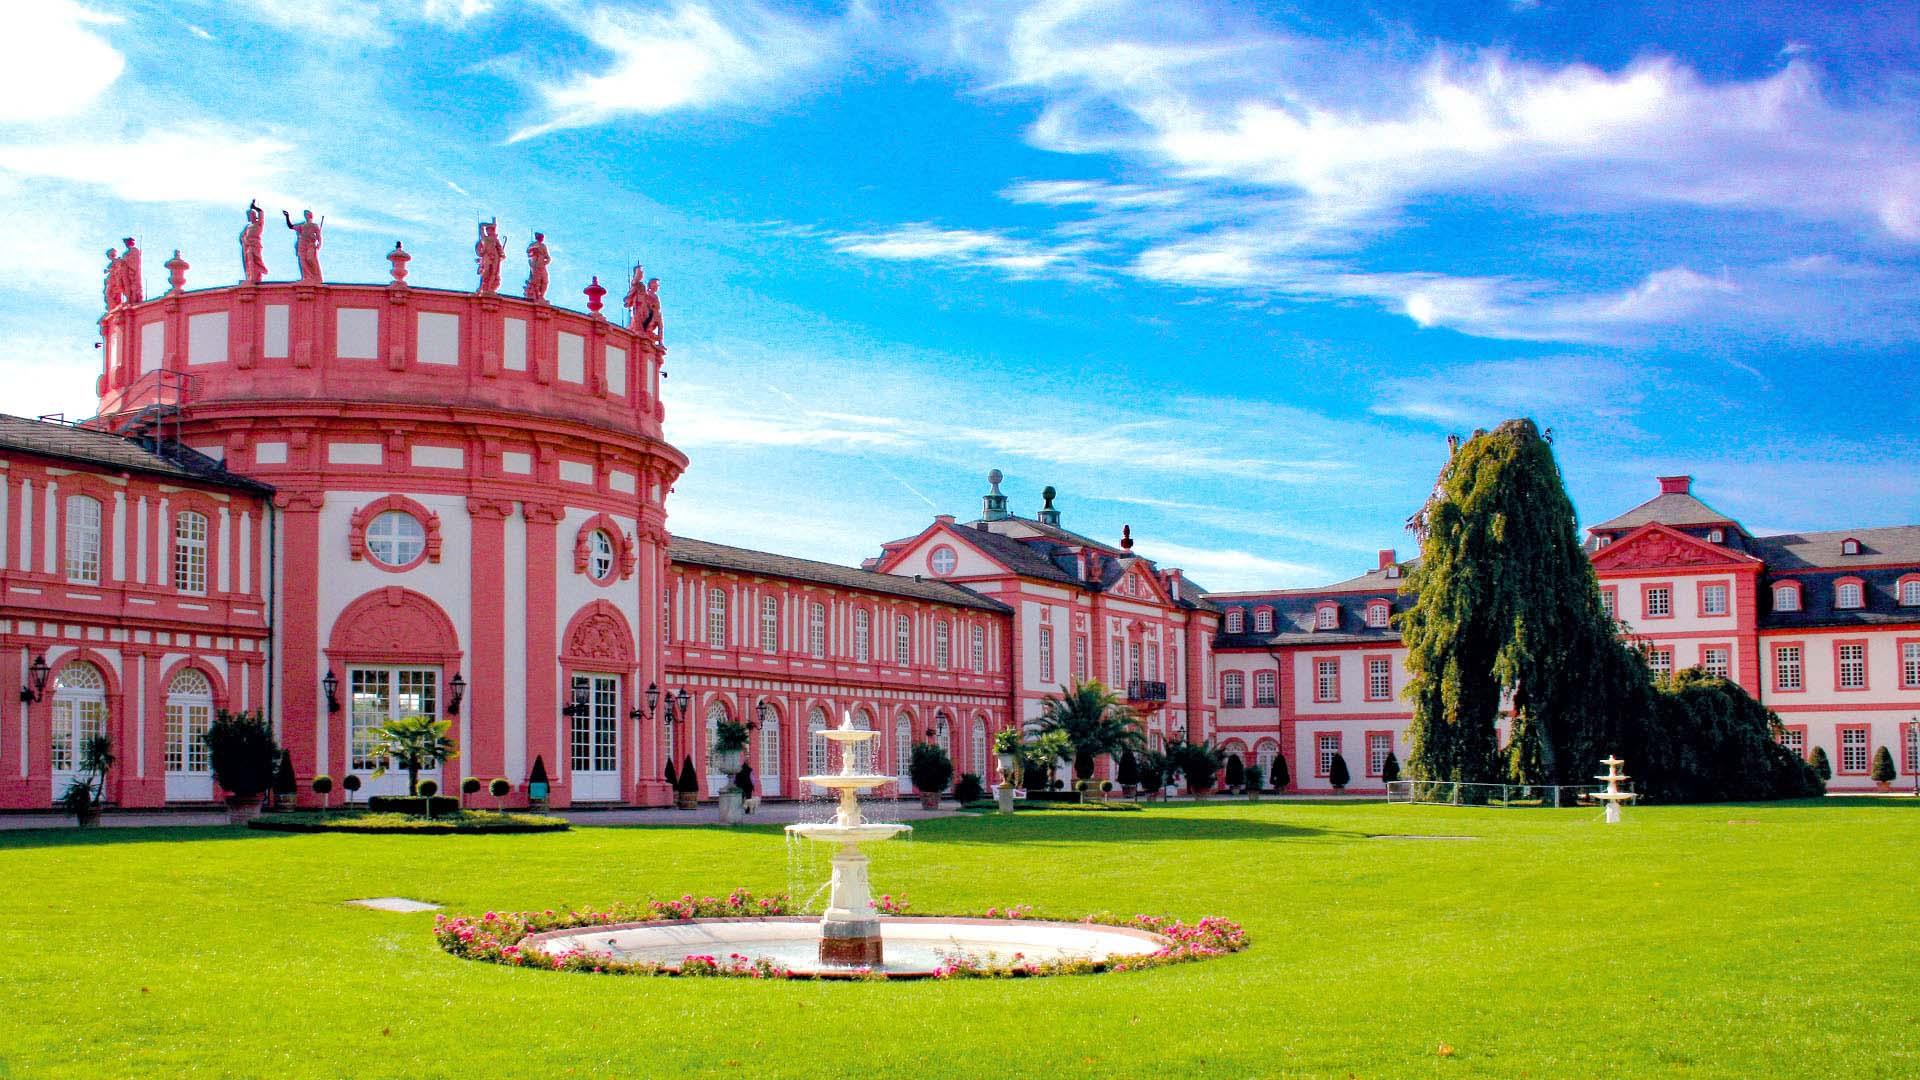 Schloss Biebrich, Wiesbaden